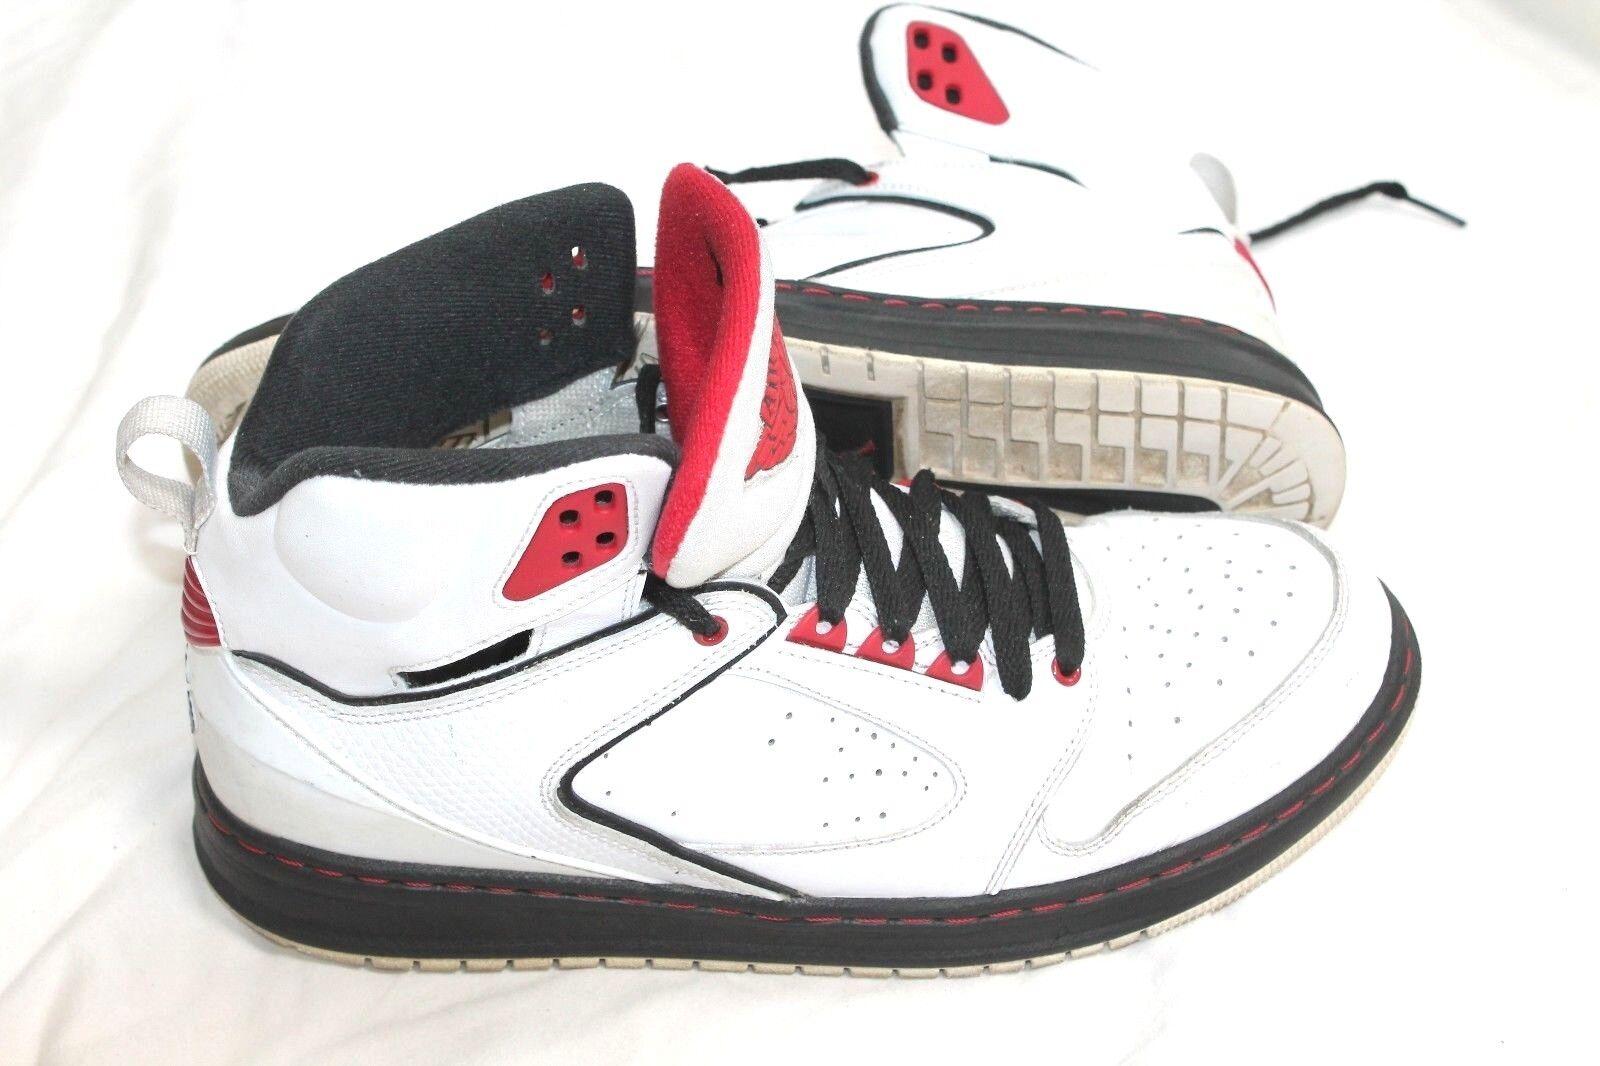 Nike Air Jordan Sixty Club Wit Blk Gym Rd Size 10.5 535790-101 Retro J's Sneaker